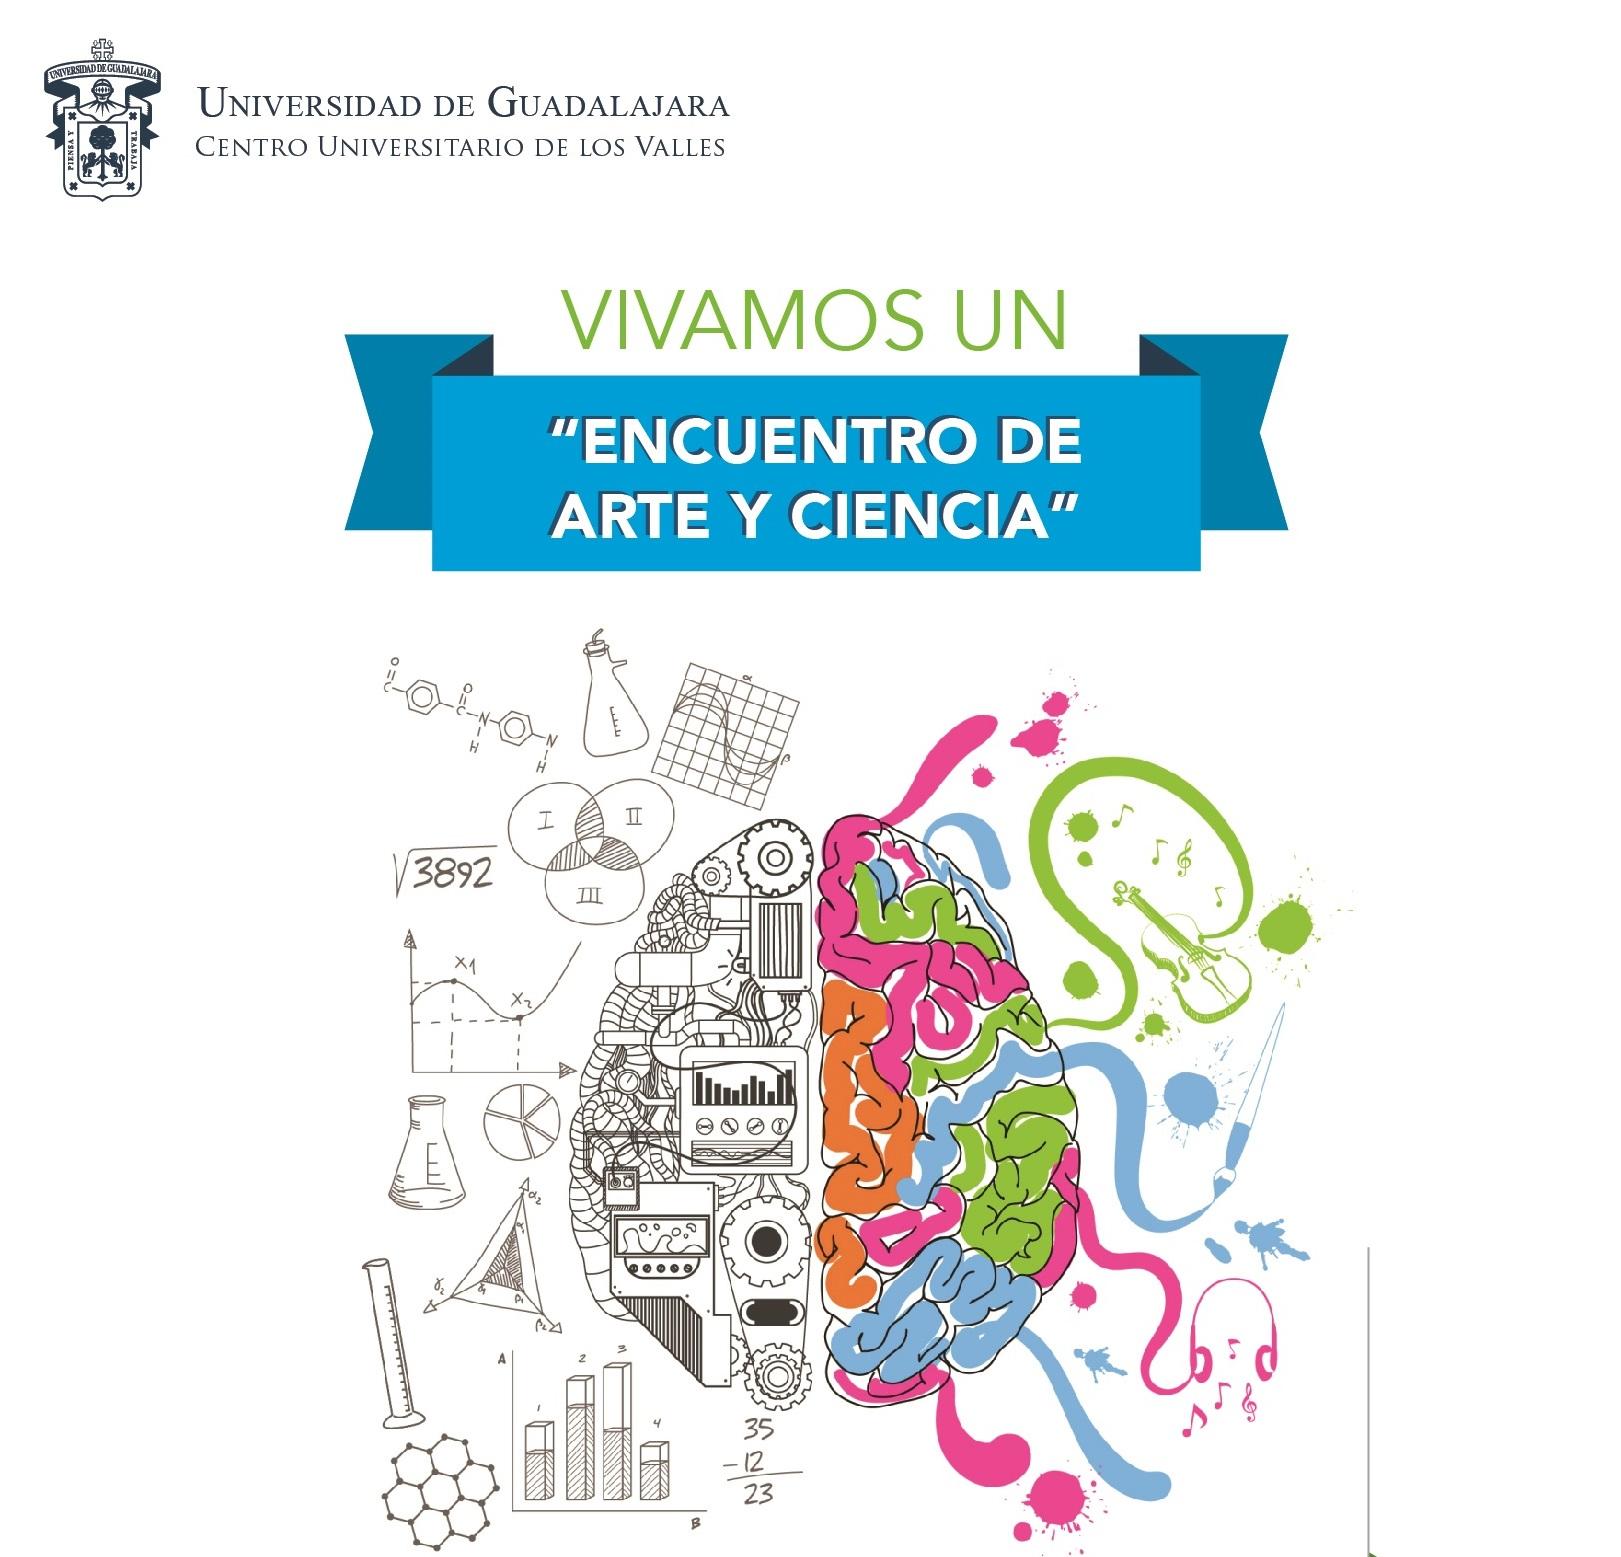 Encuentro de Arte y Ciencia